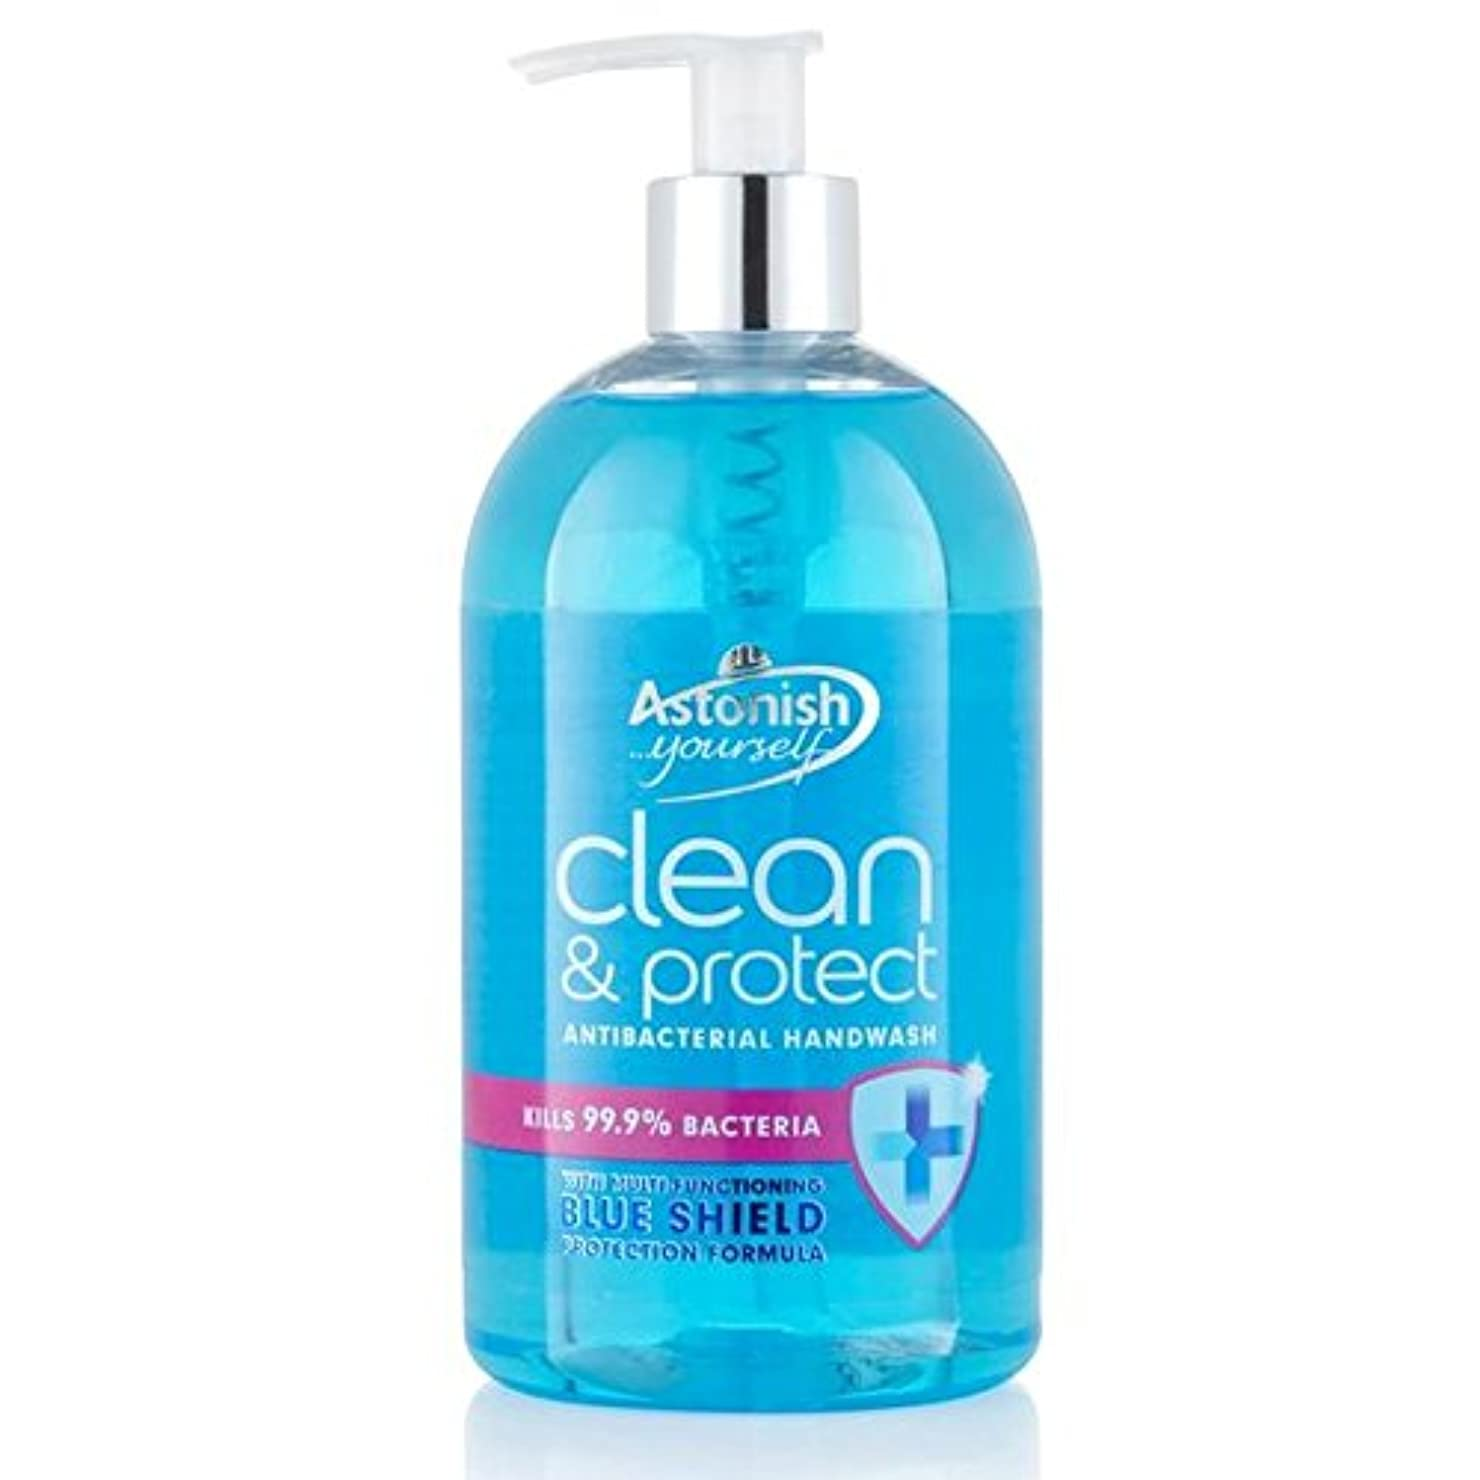 良心的によってセーブクリーン驚か&ハンドウォッシュ500ミリリットルを保護 x4 - Astonish Clean & Protect Hand Wash 500ml (Pack of 4) [並行輸入品]